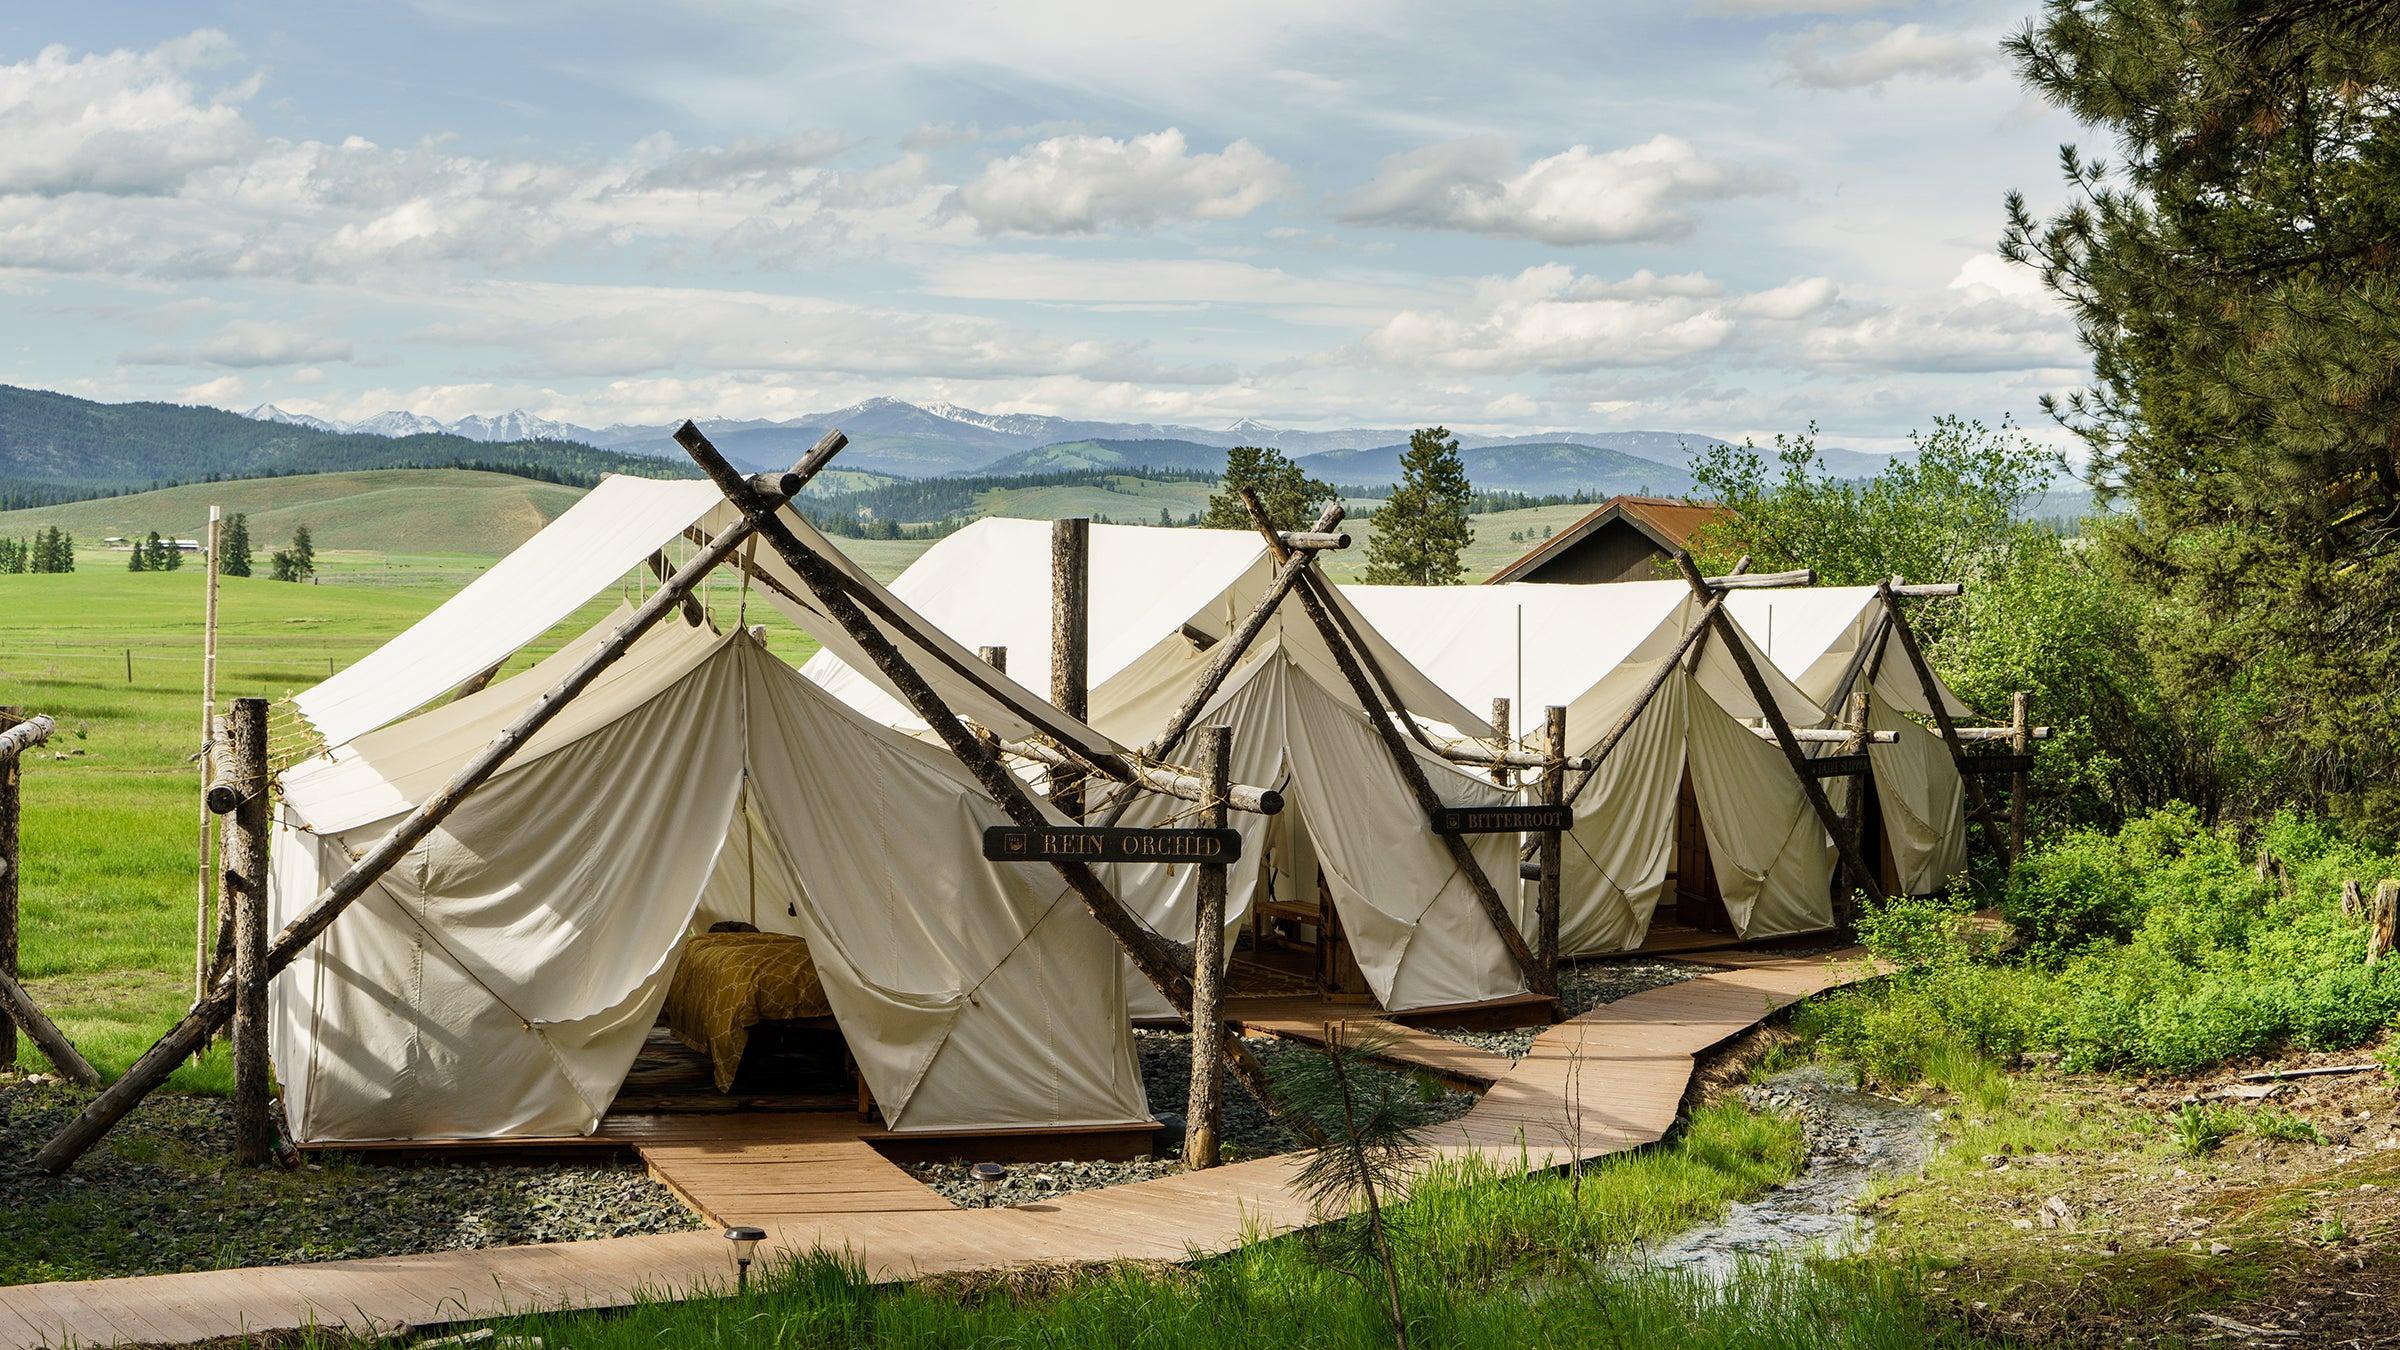 Glamping tents at the Resort at Paws Up